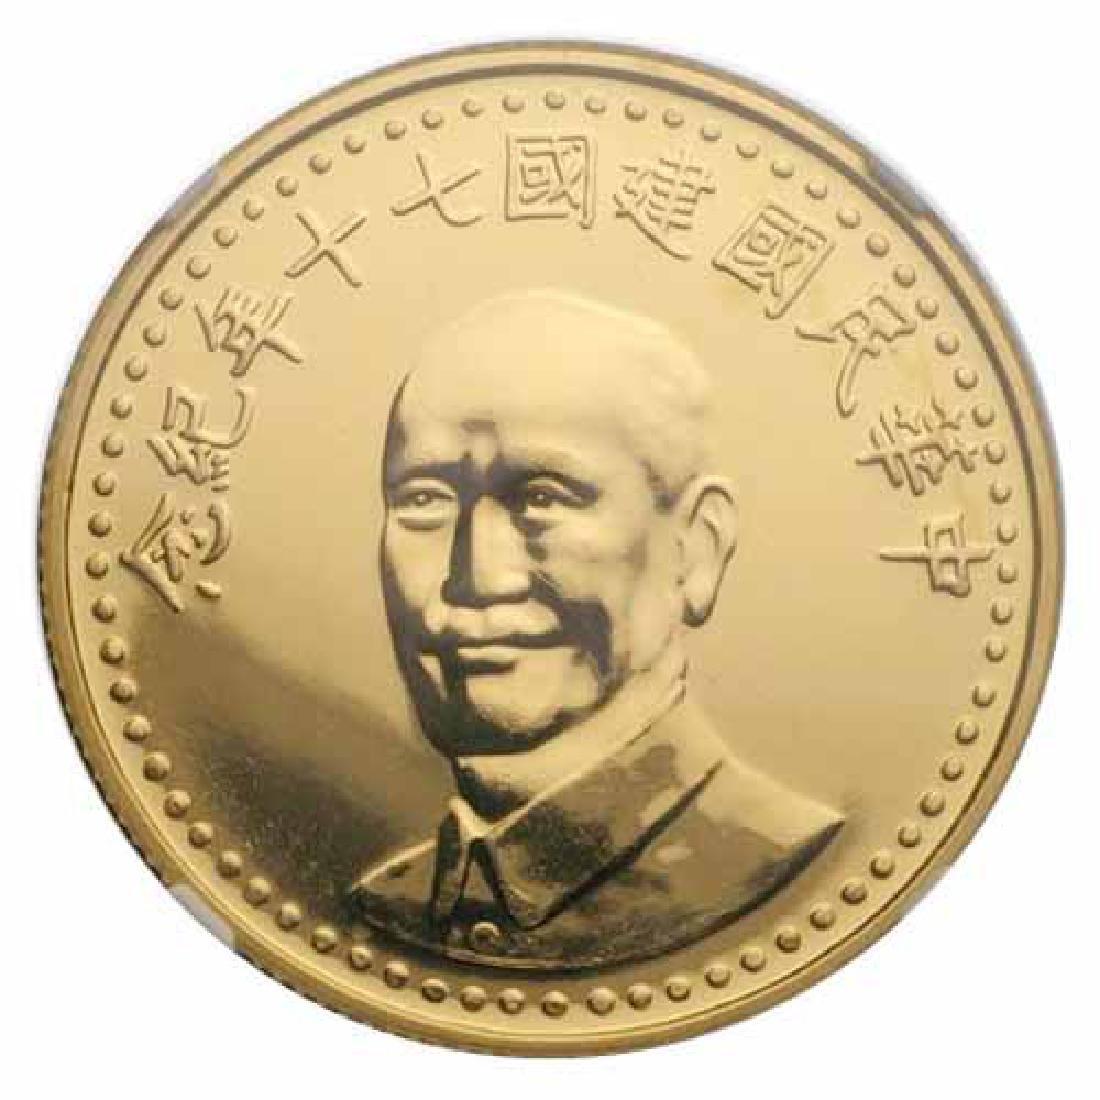 Taiwan 2000 yuan gold medal PF 1981 Chang Kai Shek